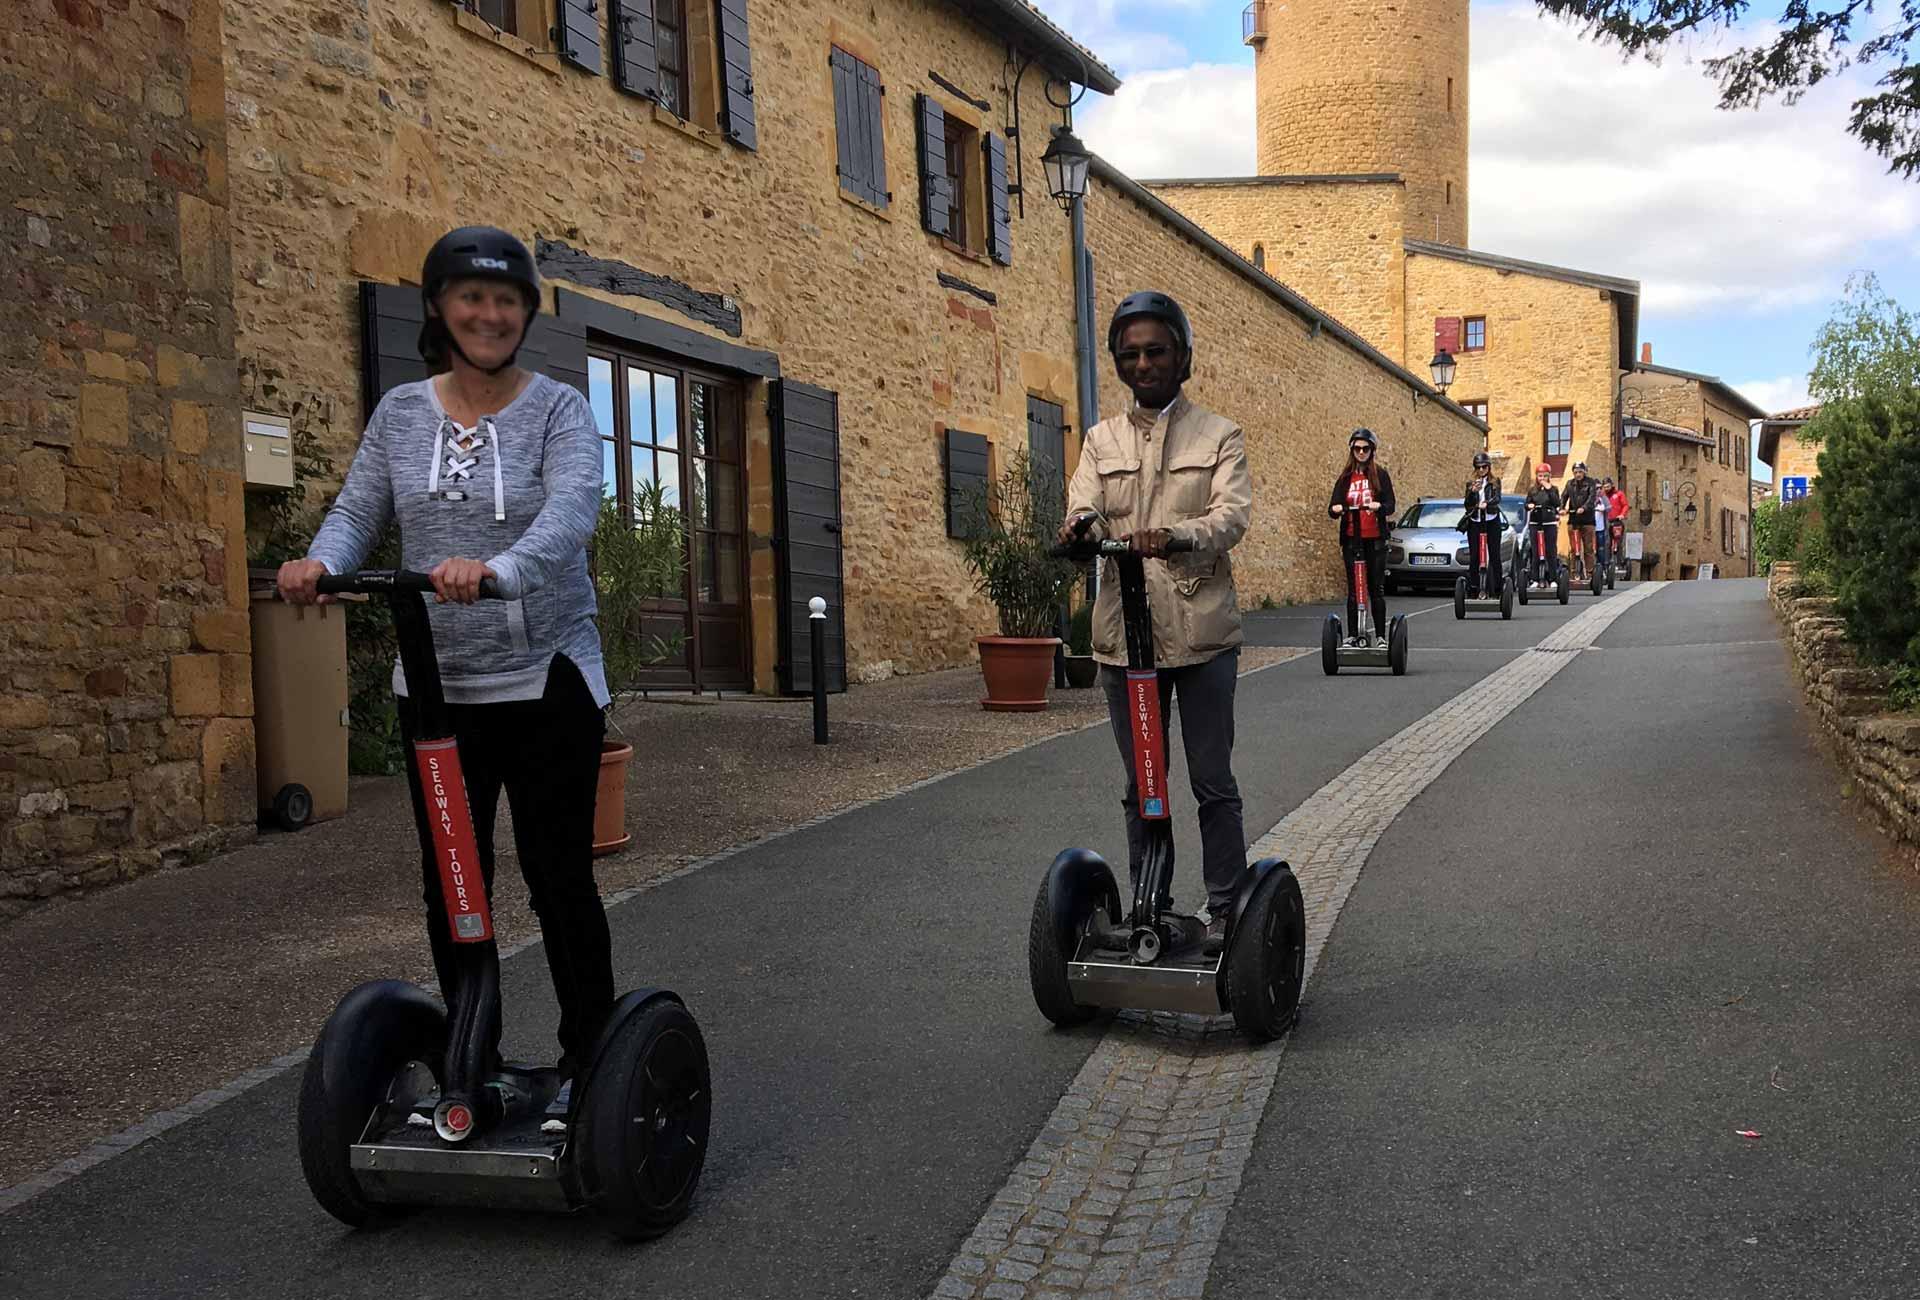 Chemins de Vigne, une journée d'entreprise Beaujolais, Esprit Libre Segway